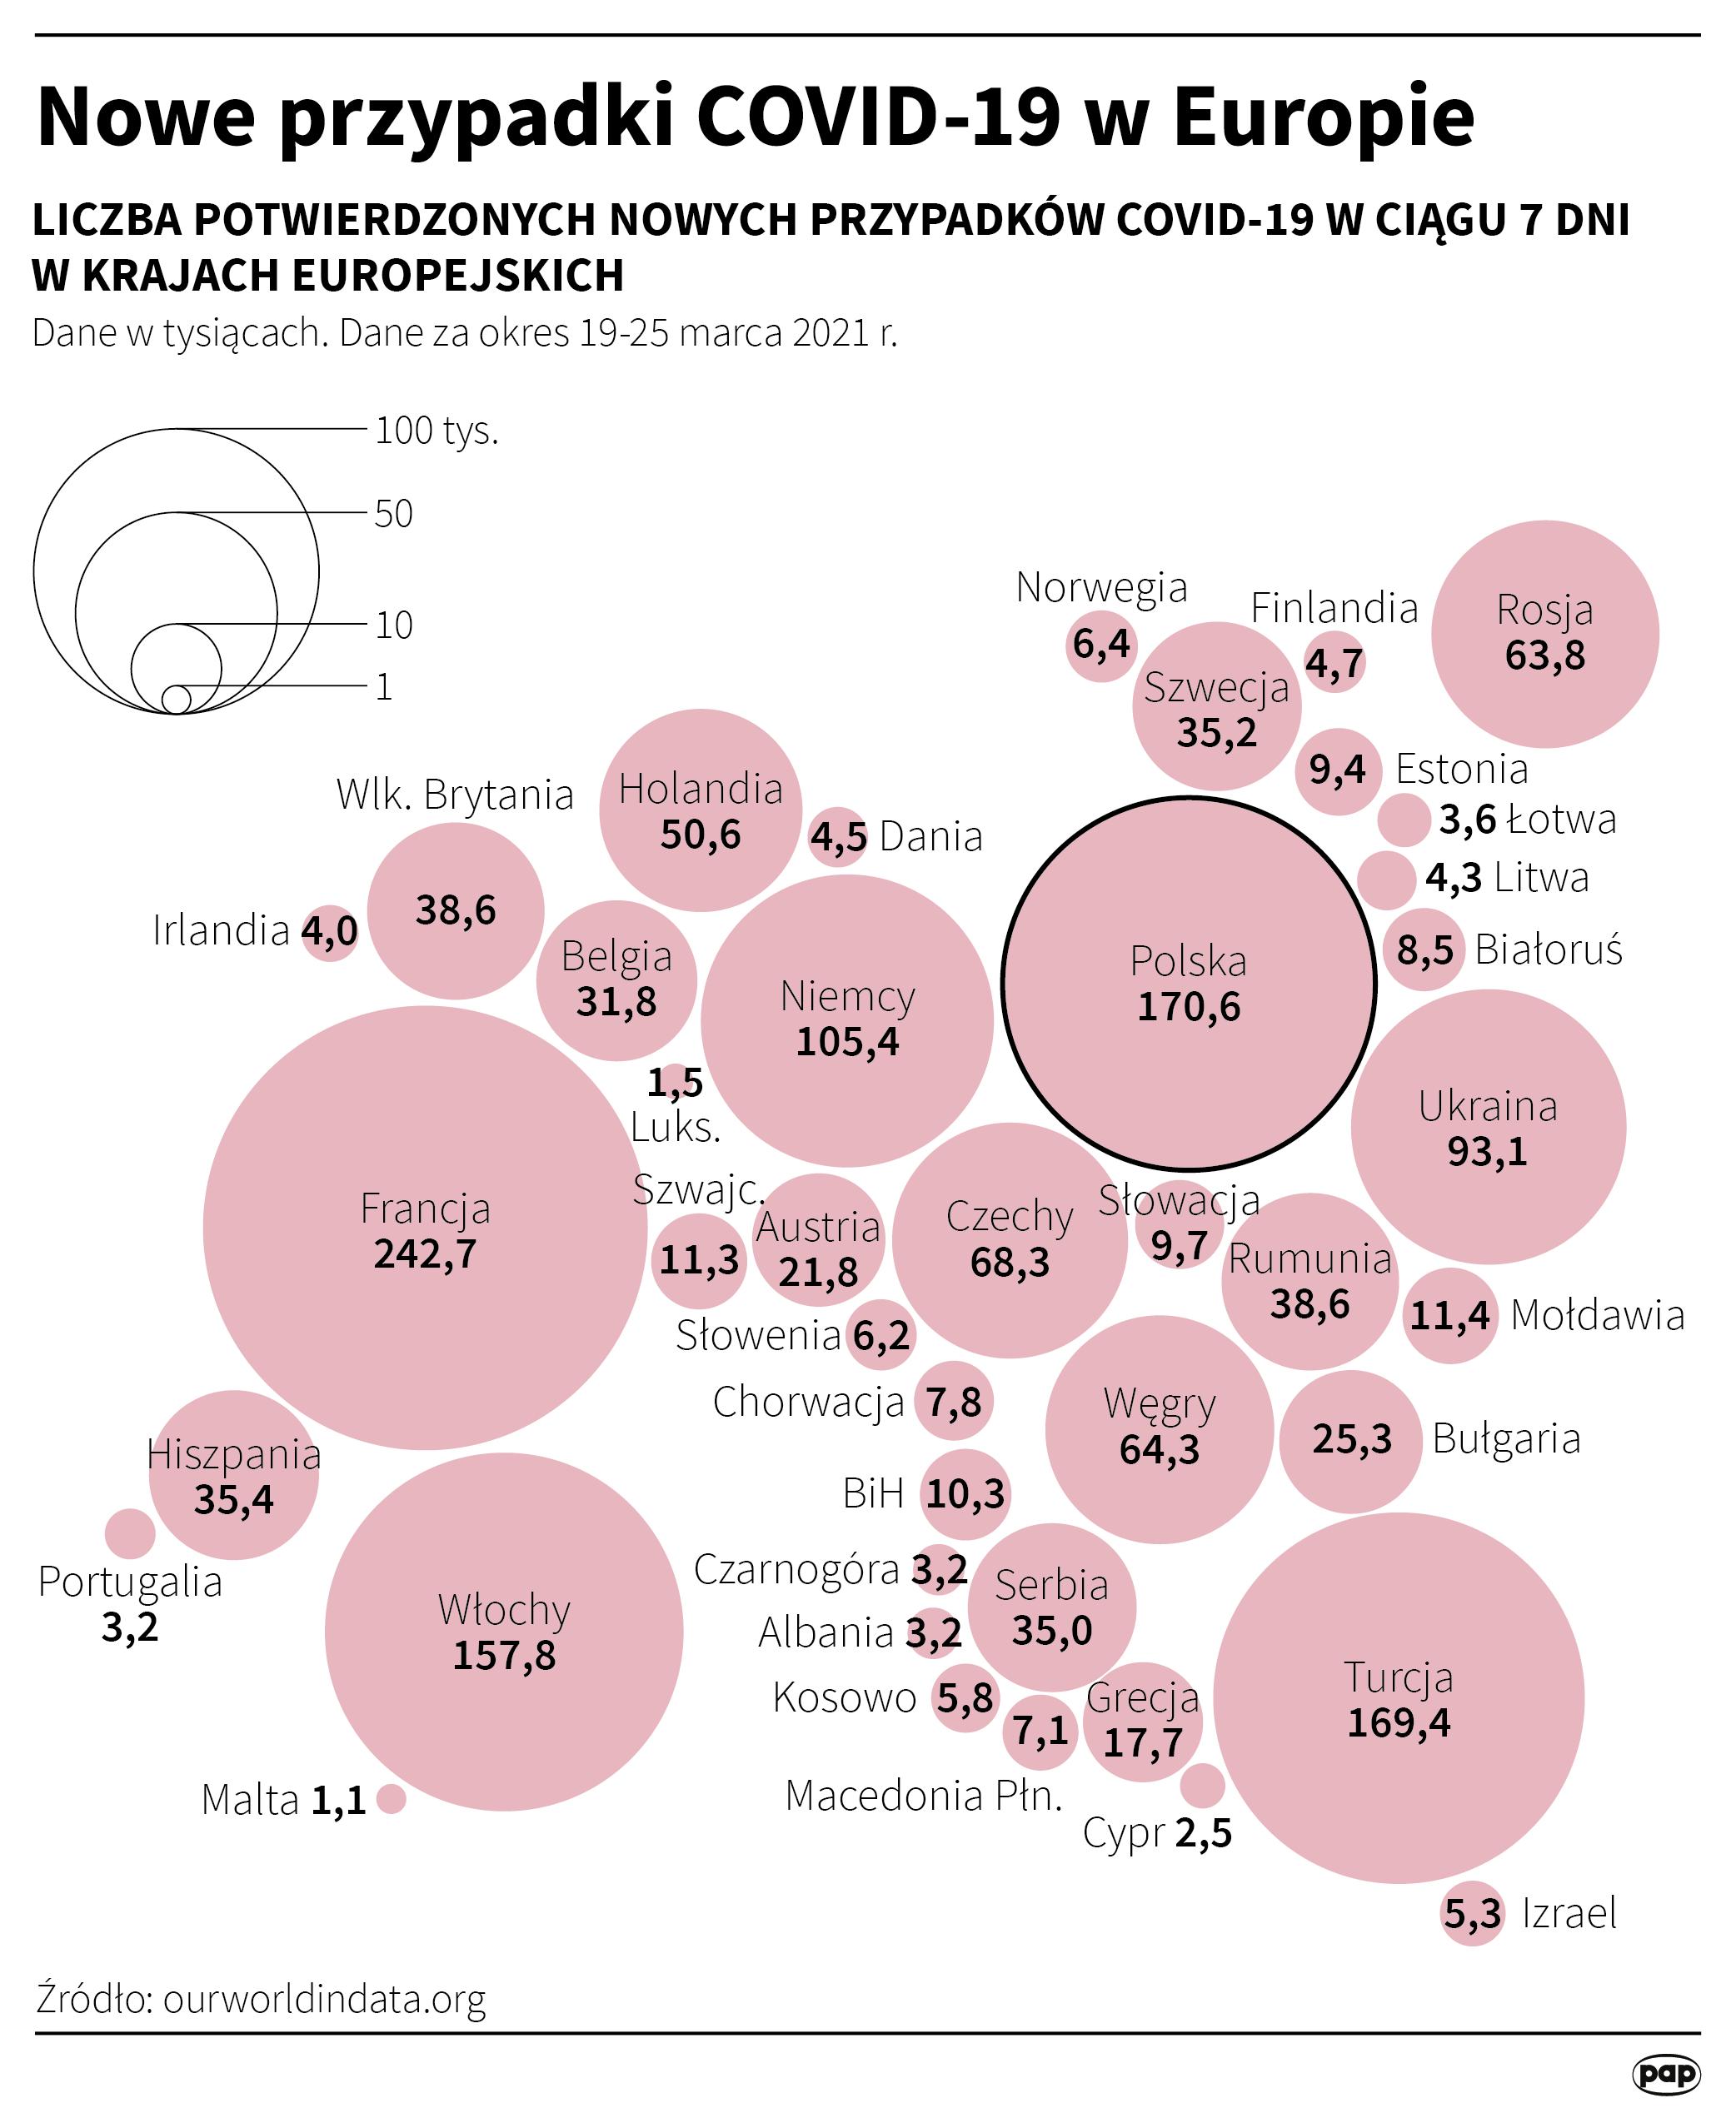 Nowe przypadki COVID-19 w Europie [autor: Maciej Zieliński, źródło: PAP]